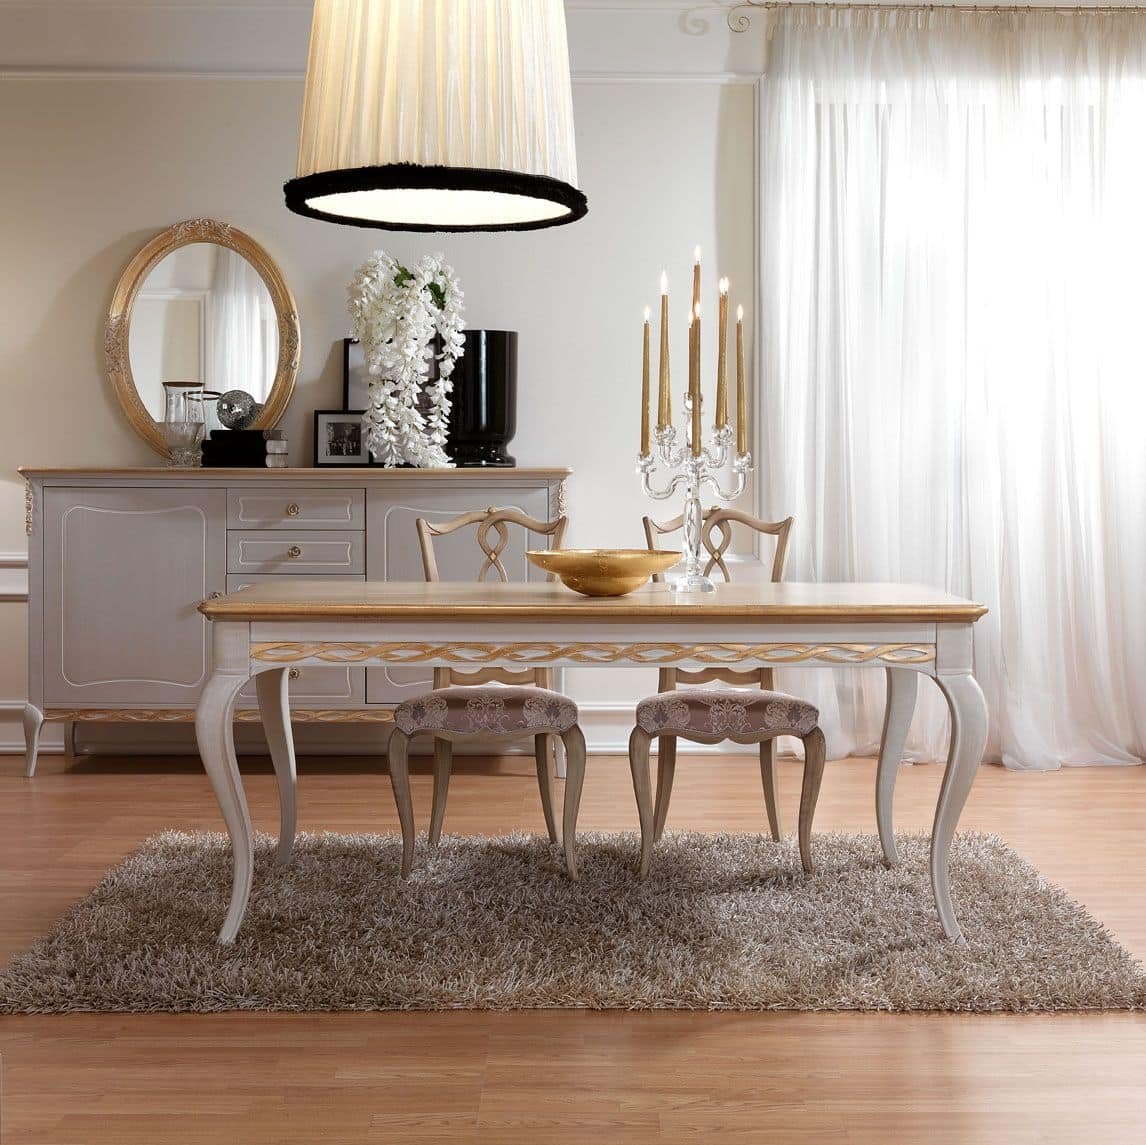 ... in legno decorato, in stile classico contemporaneo, per sala da pranzo